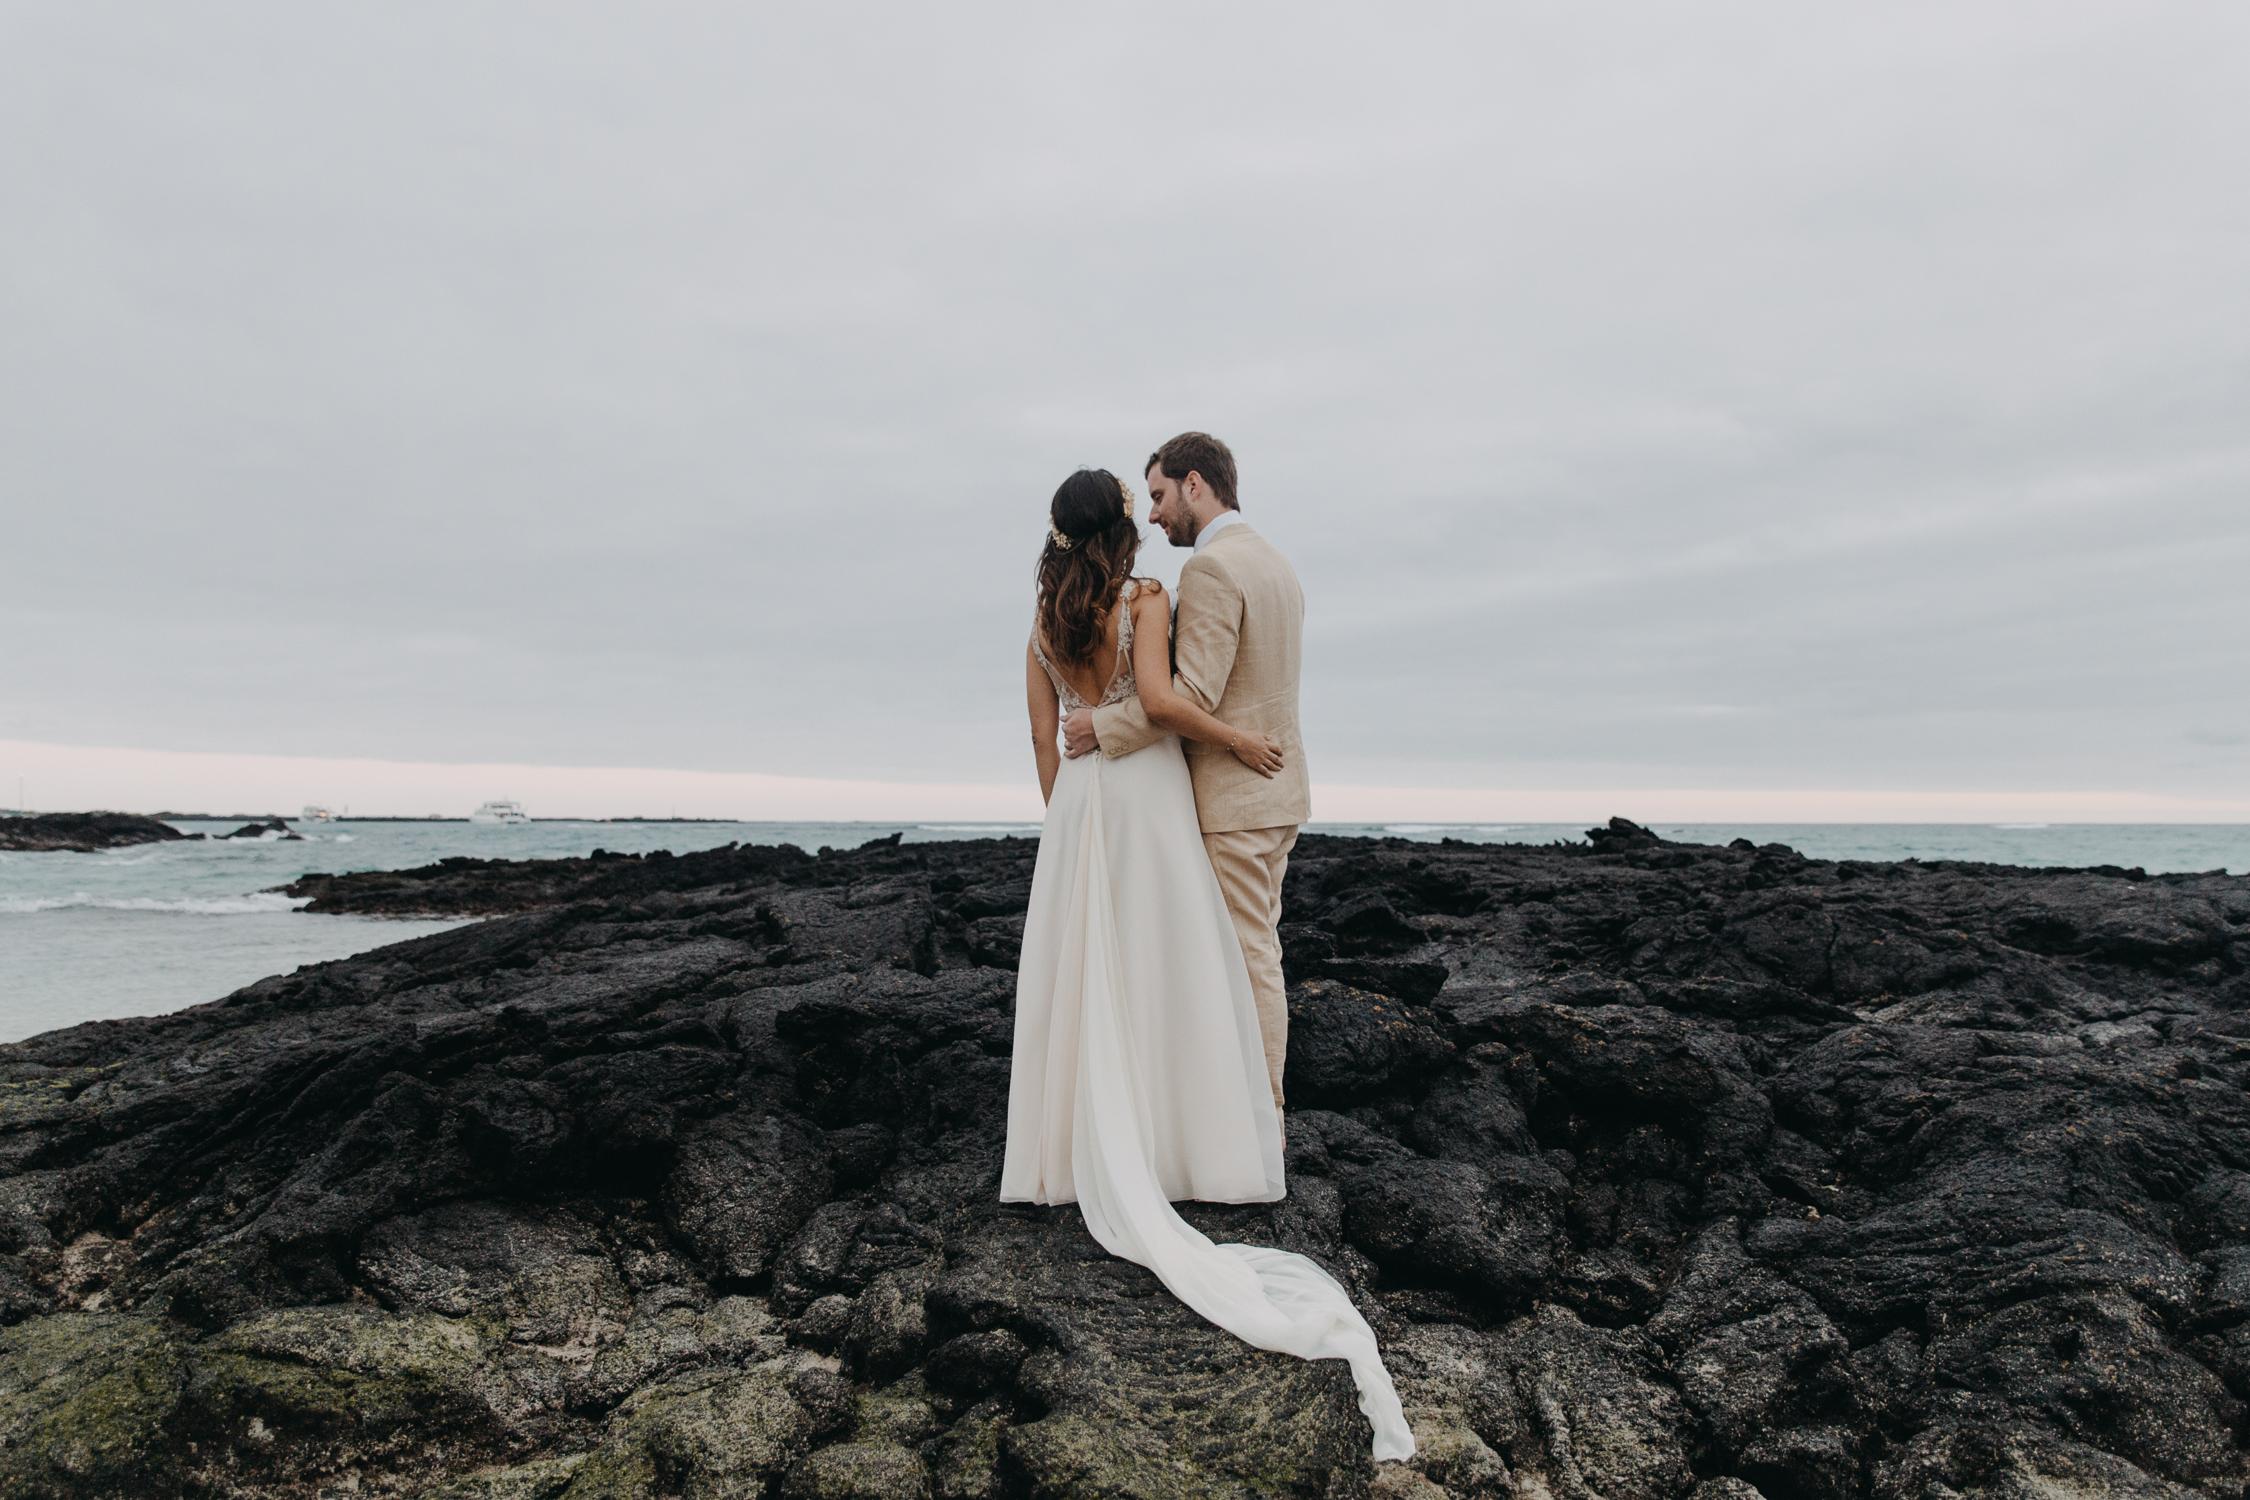 Michelle-Agurto-Fotografia-Bodas-Ecuador-Destination-Wedding-Photographer-Galapagos-Andrea-Joaquin-251.JPG